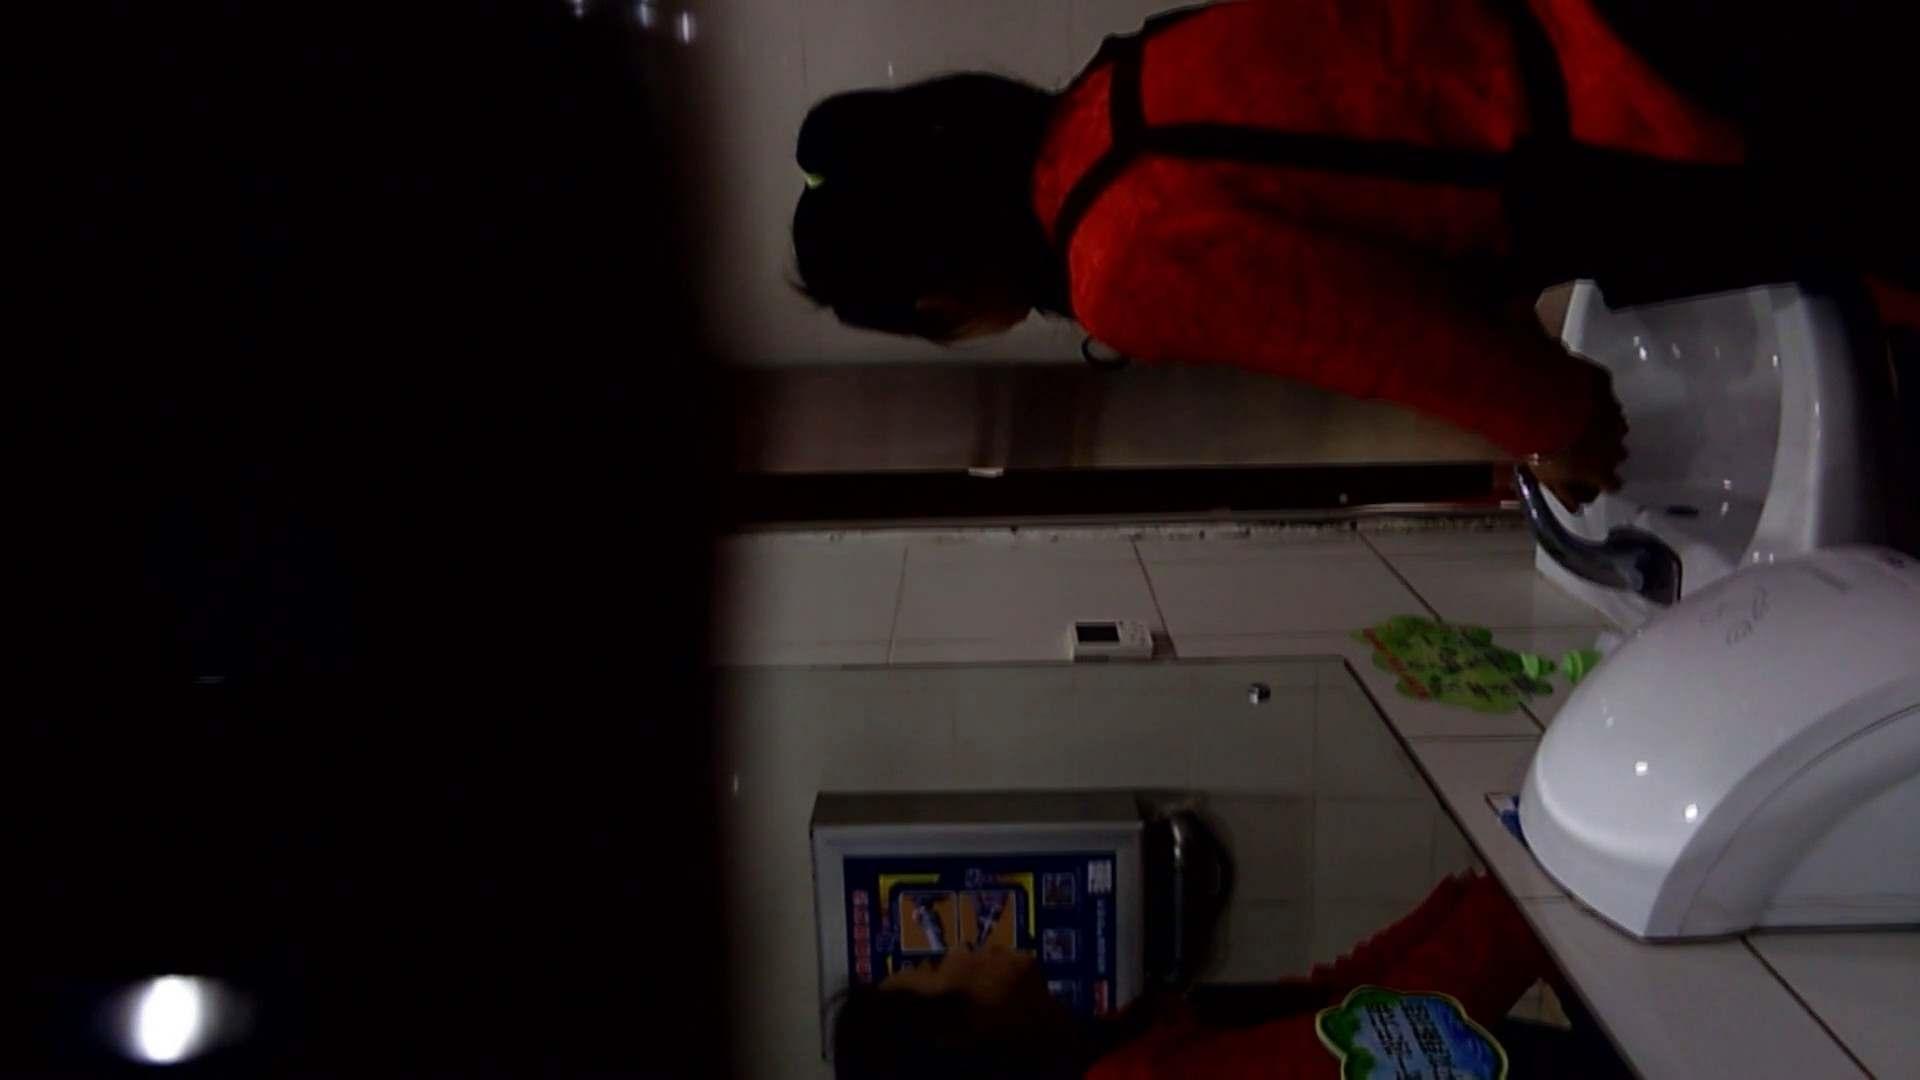 芸術大学ガチ潜入盗撮 JD盗撮 美女の洗面所の秘密 Vol.105 美肌 すけべAV動画紹介 90画像 76